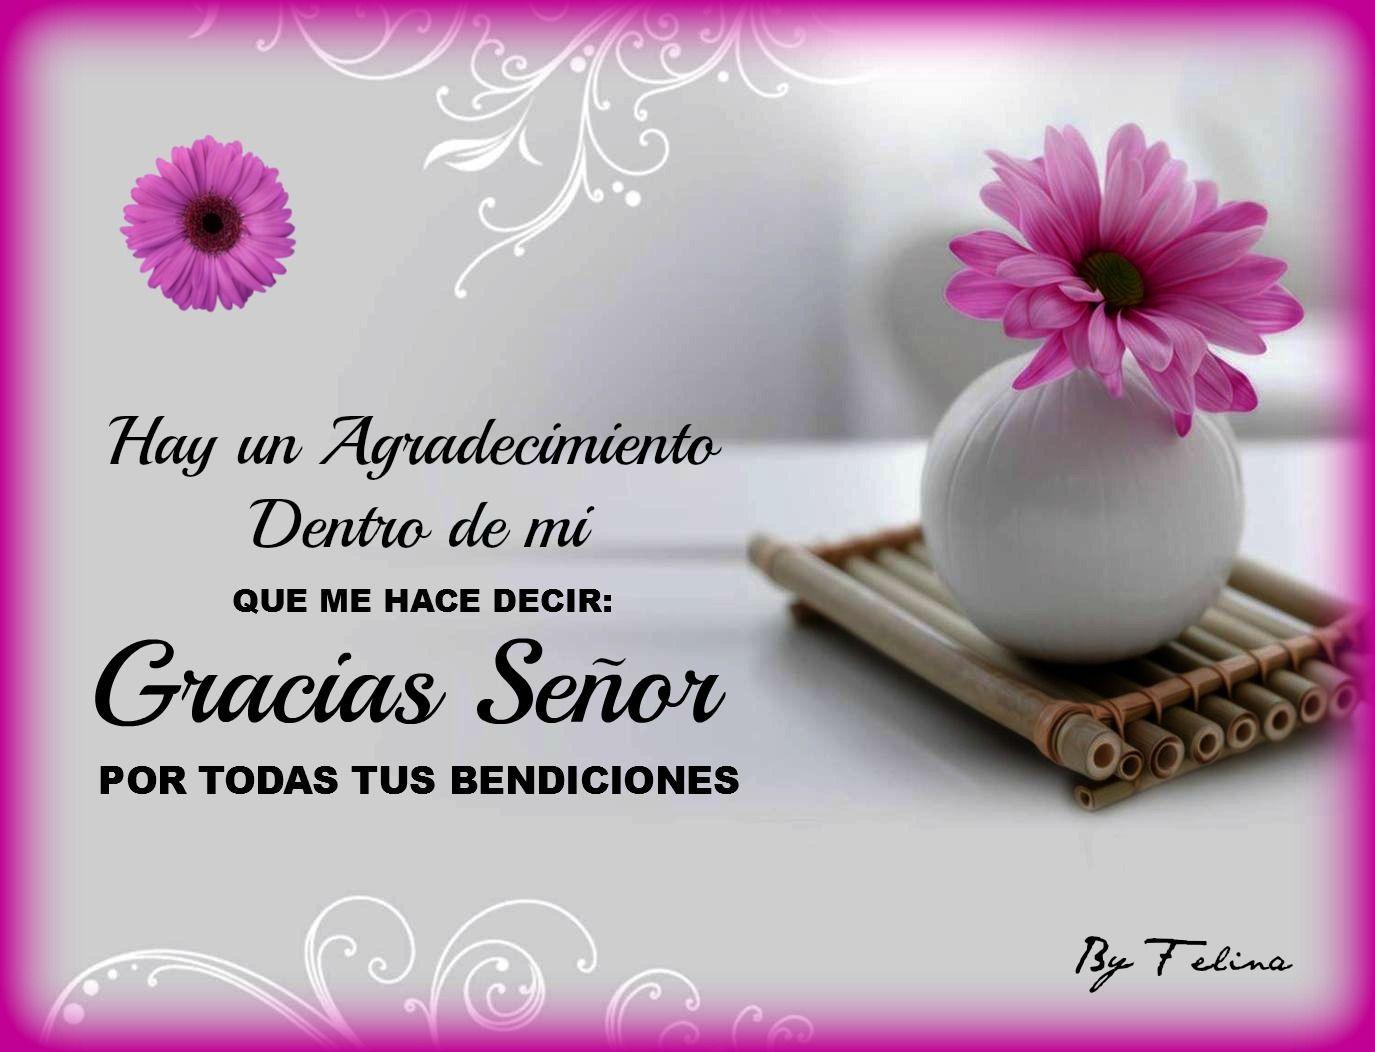 Salmo 103 1 4 Bendice Alma Mía A Jehová Y Bendiga Todo Mi Ser Su Santo Nombre Bendice Alma Mía Agradecimiento A Dios Gracias Señor Bendiciones Para Ti